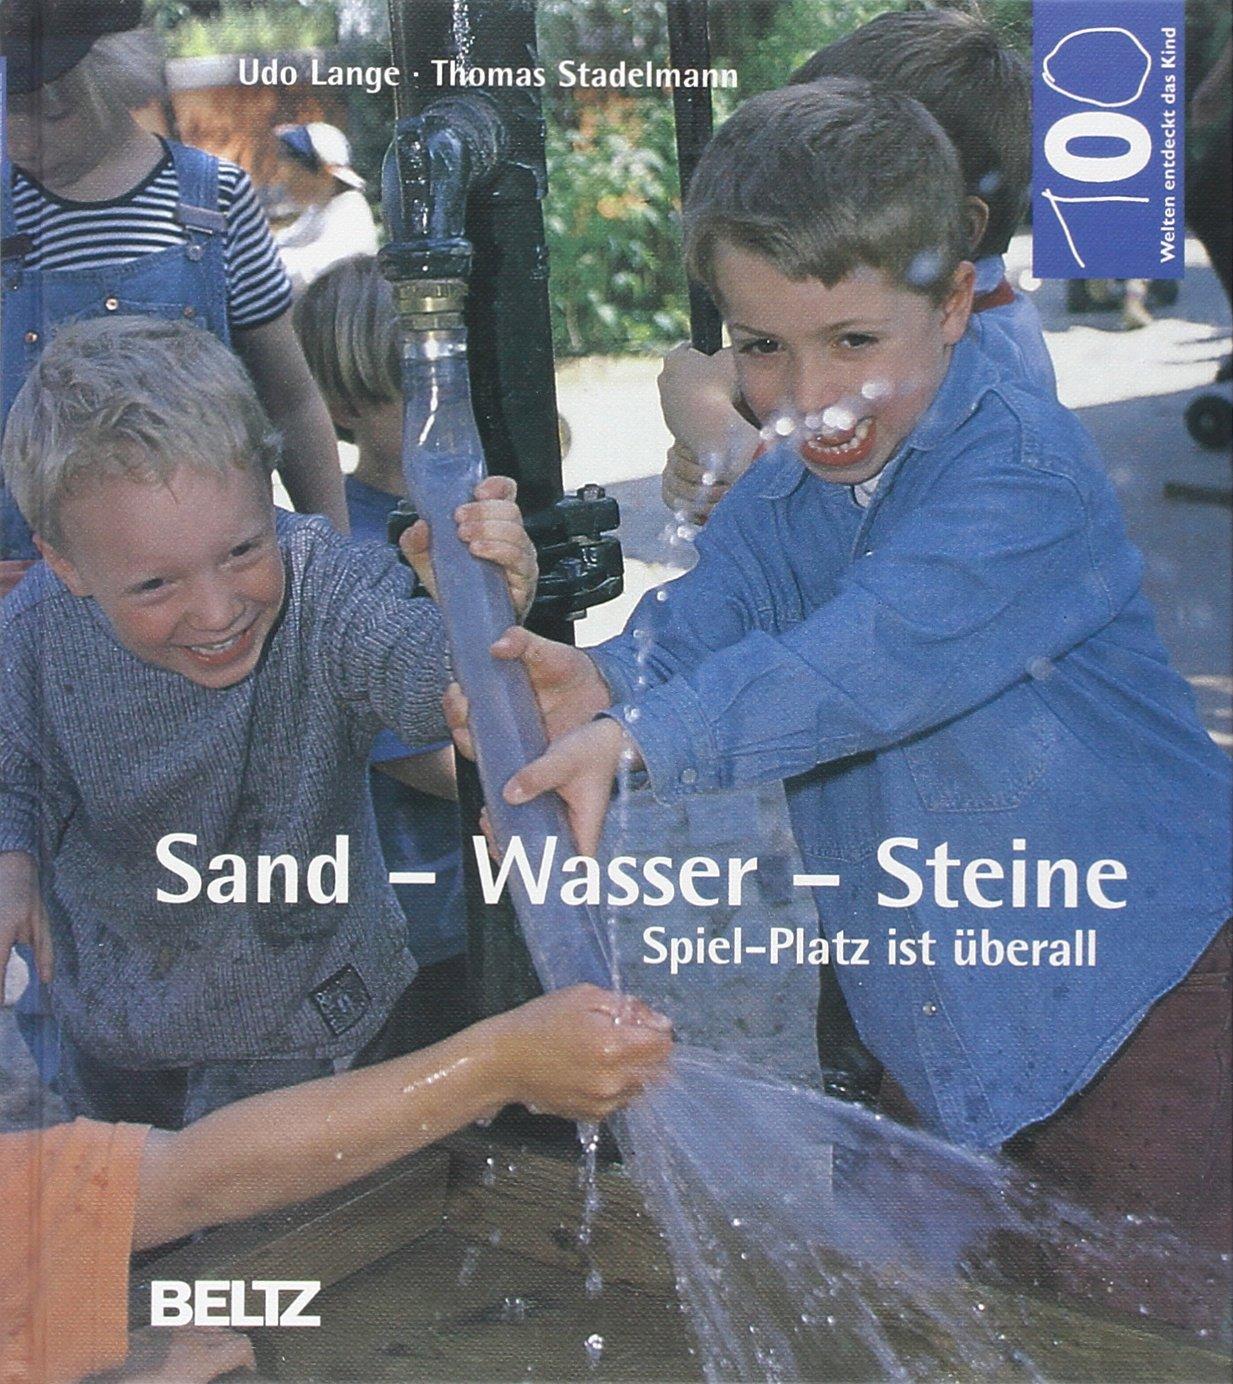 Hundert Welten entdeckt das Kind: Sand, Wasser, Steine: Spiel-Platz ist überall